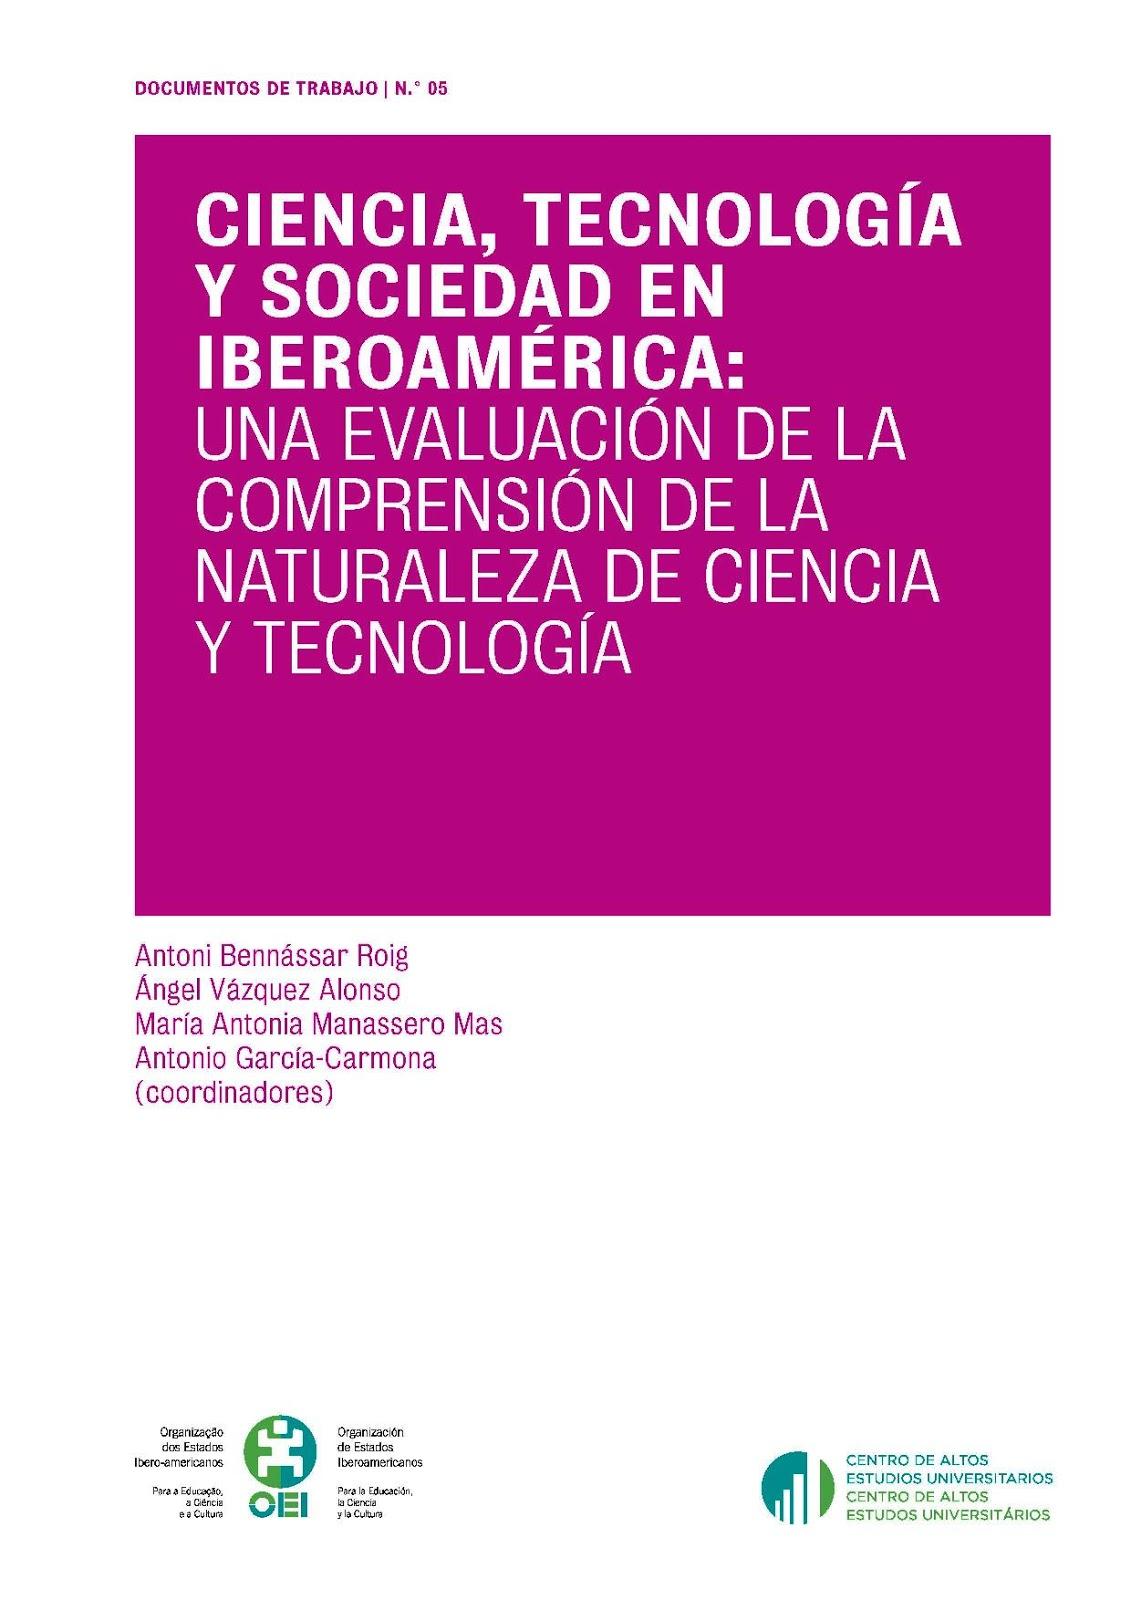 Ciencia, tecnología y sociedad en Iberoamérica